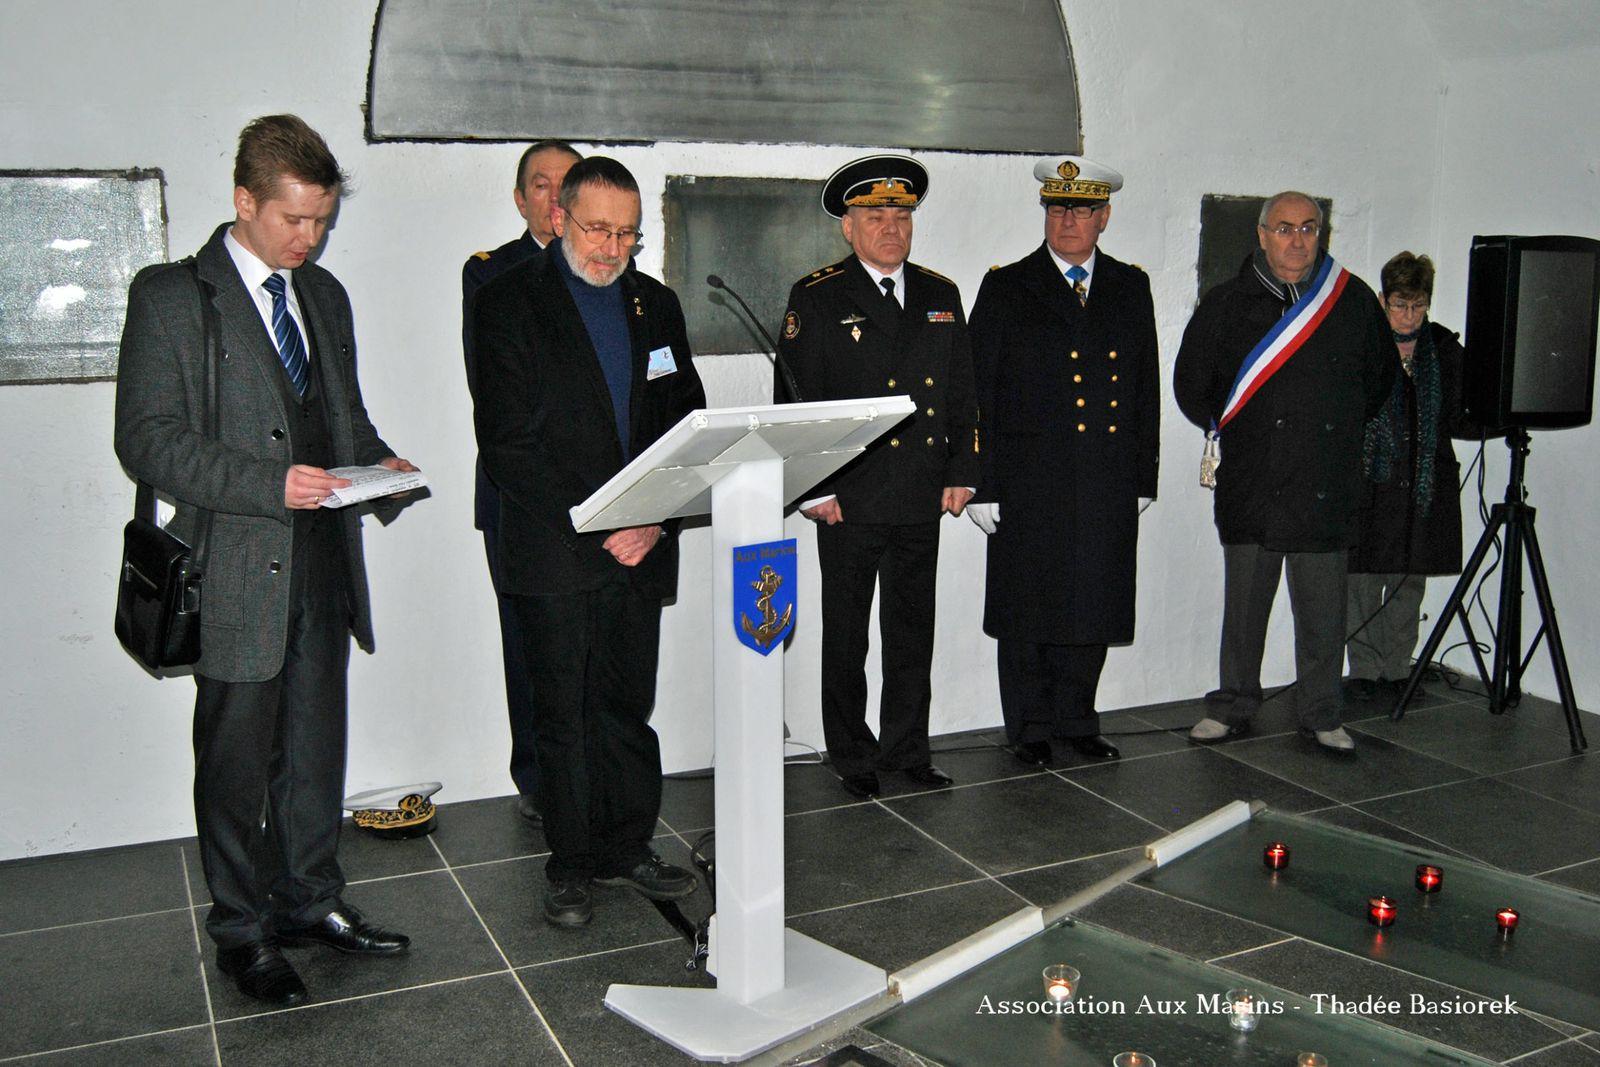 Visite du Vice-Amiral Kravchuk, commandant la flotte russe en Mer Baltique, pour un hommage commun aux marins français et russes morts pour leur pays.photographies : Marine Nationale - ass. aux marins : N. Agéa - T. Basiorek - J.J. Tréguer